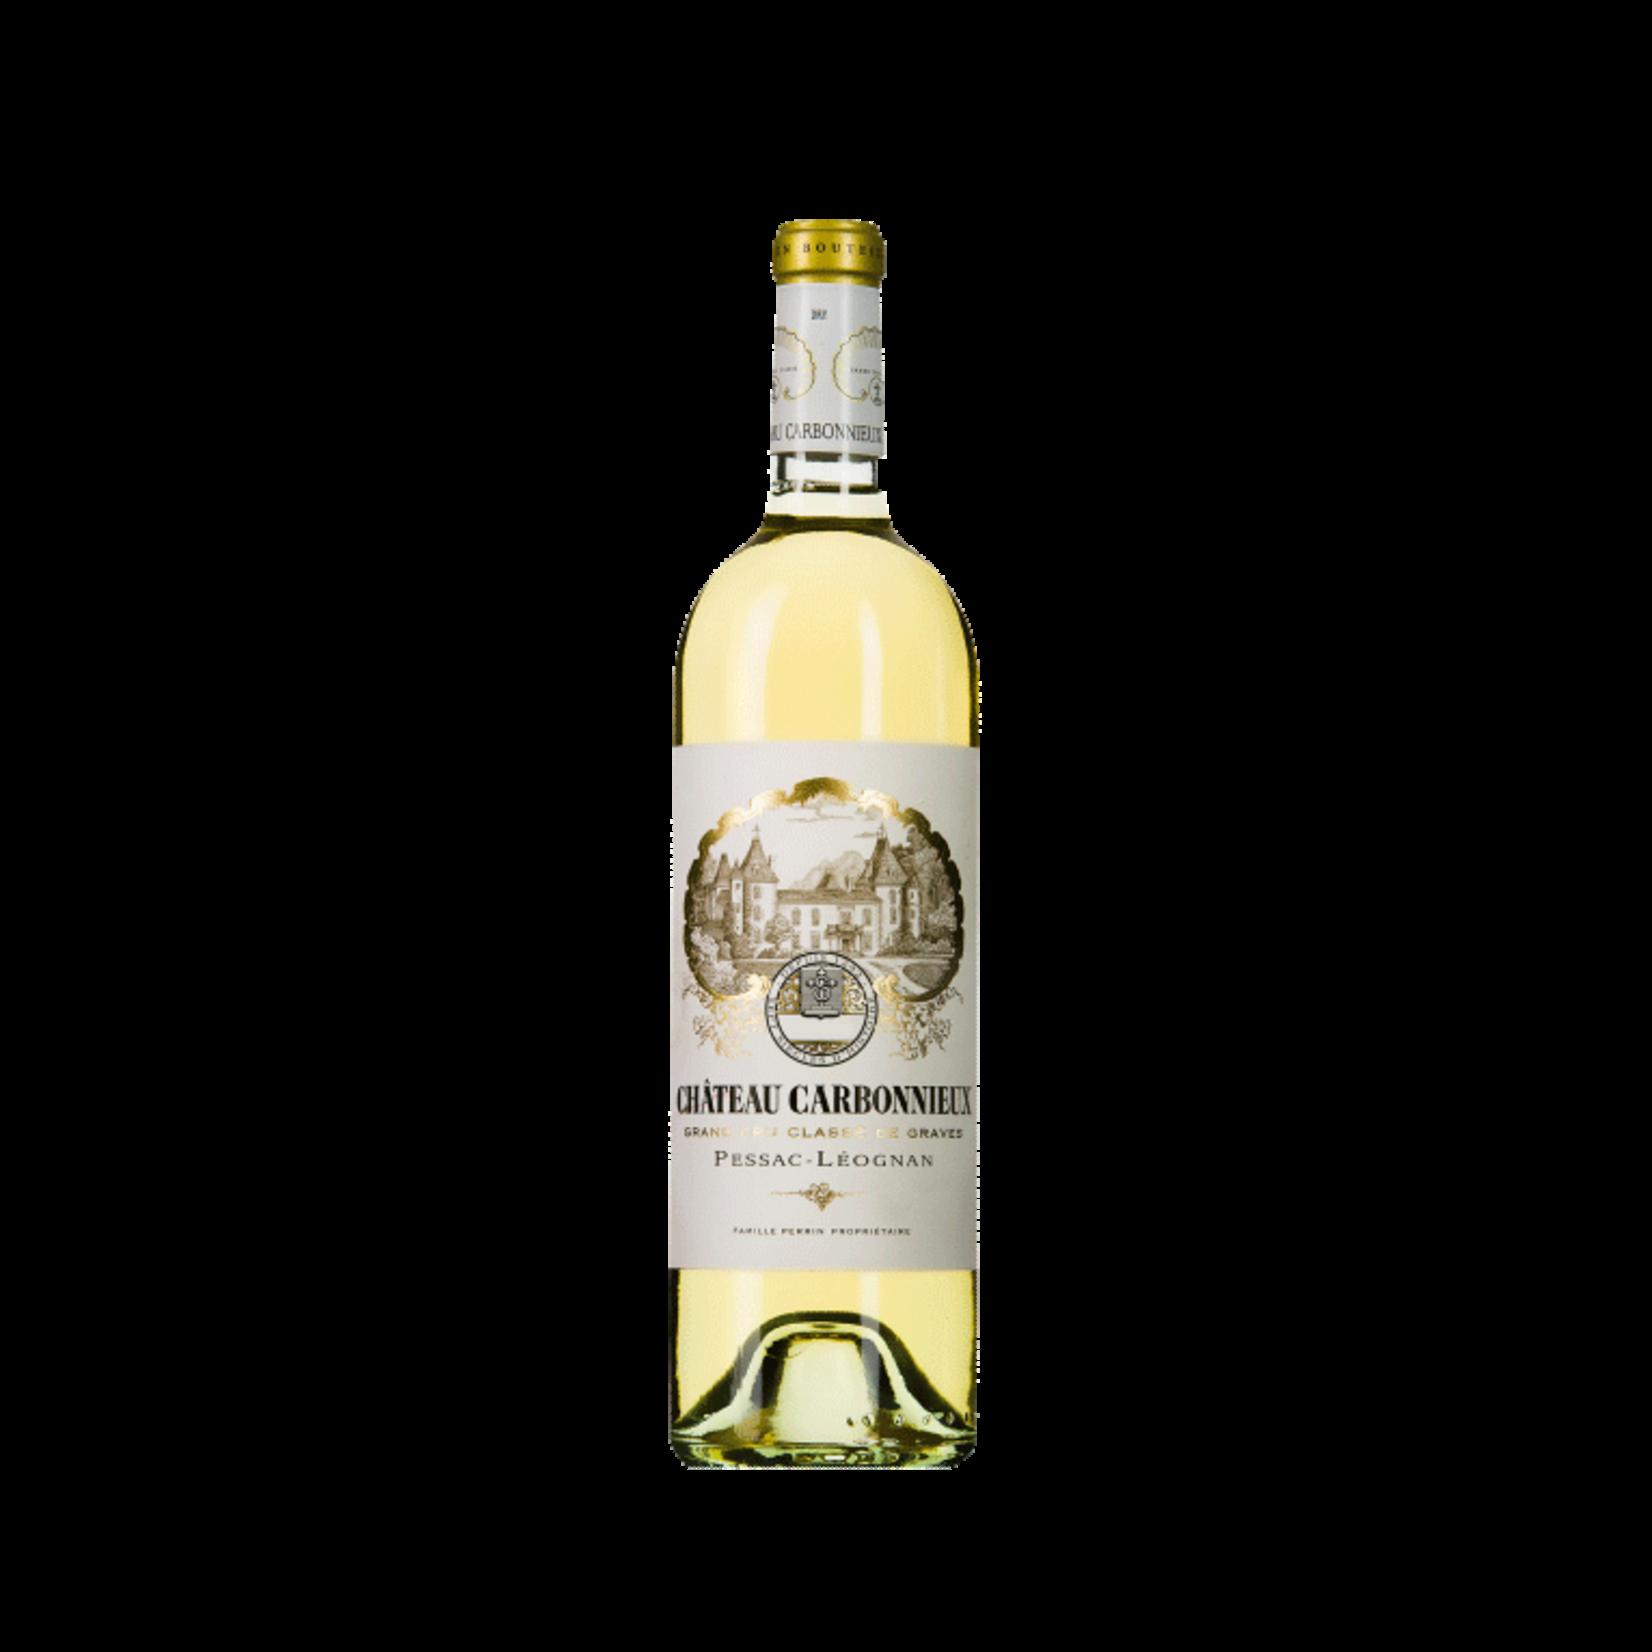 Wine Chateau Carbonnieux Blanc Pessac Leognan 2018